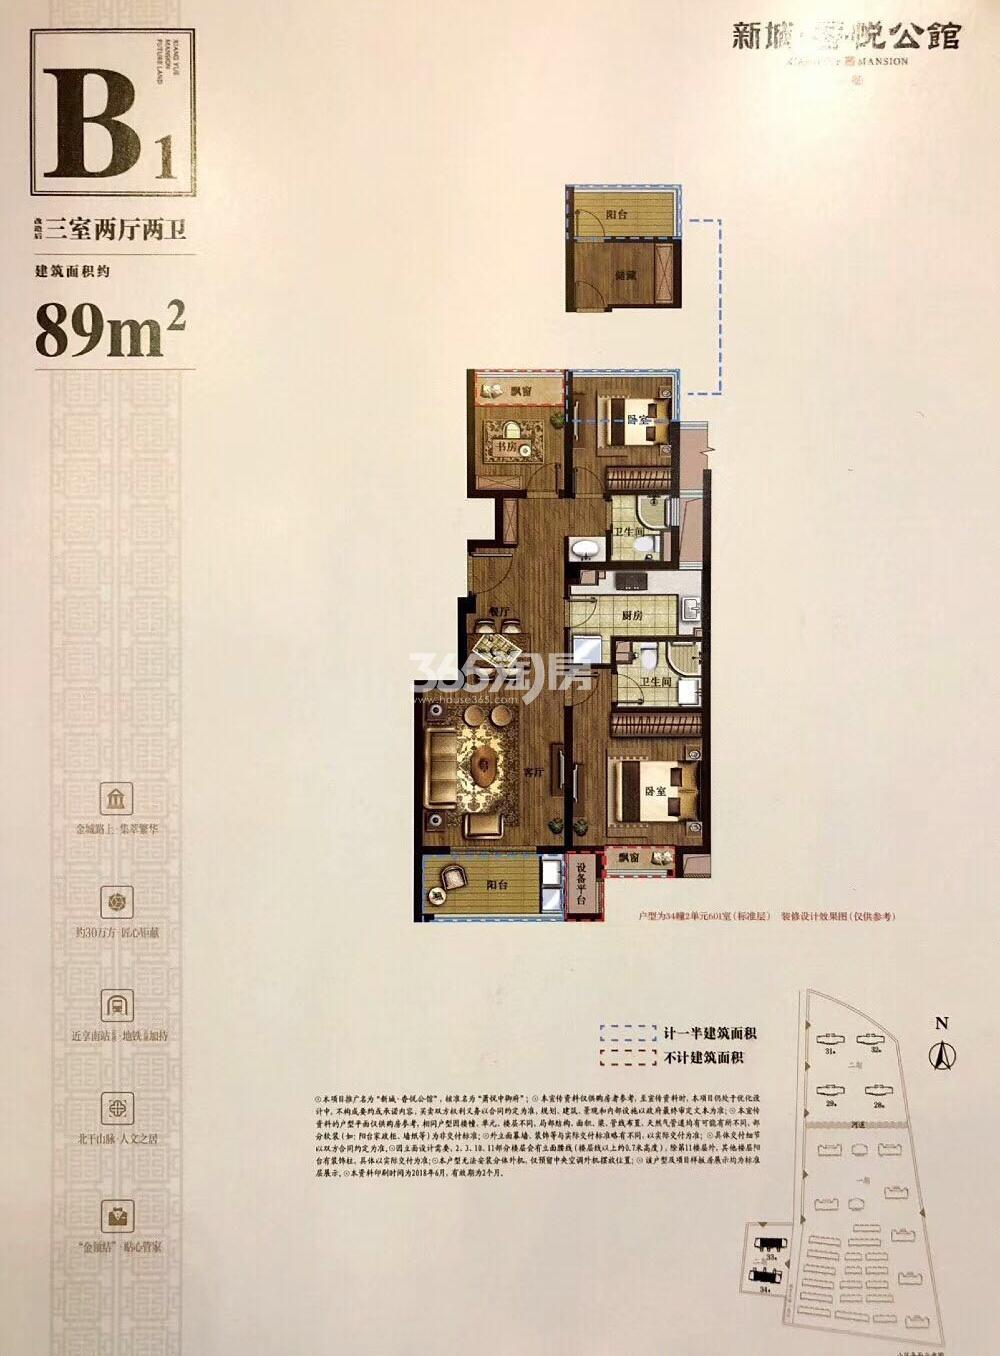 新城香悦公馆B1户型89方(小高层34、33#)